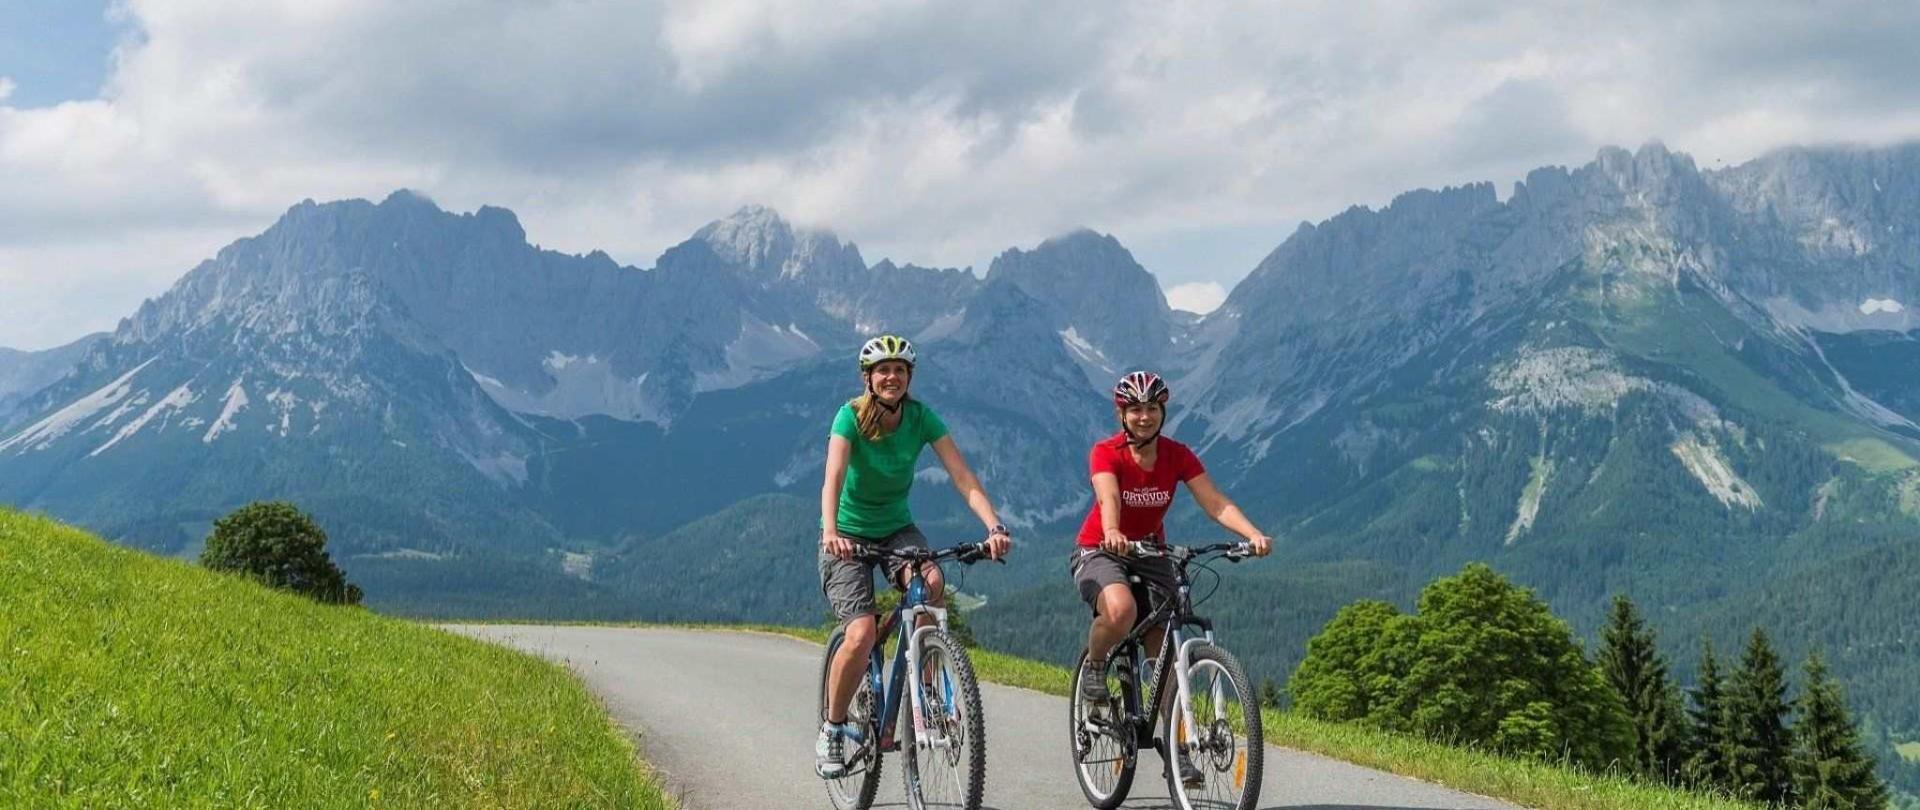 mountainbike-hintergrund-wilder-kaiser-1-1.jpg